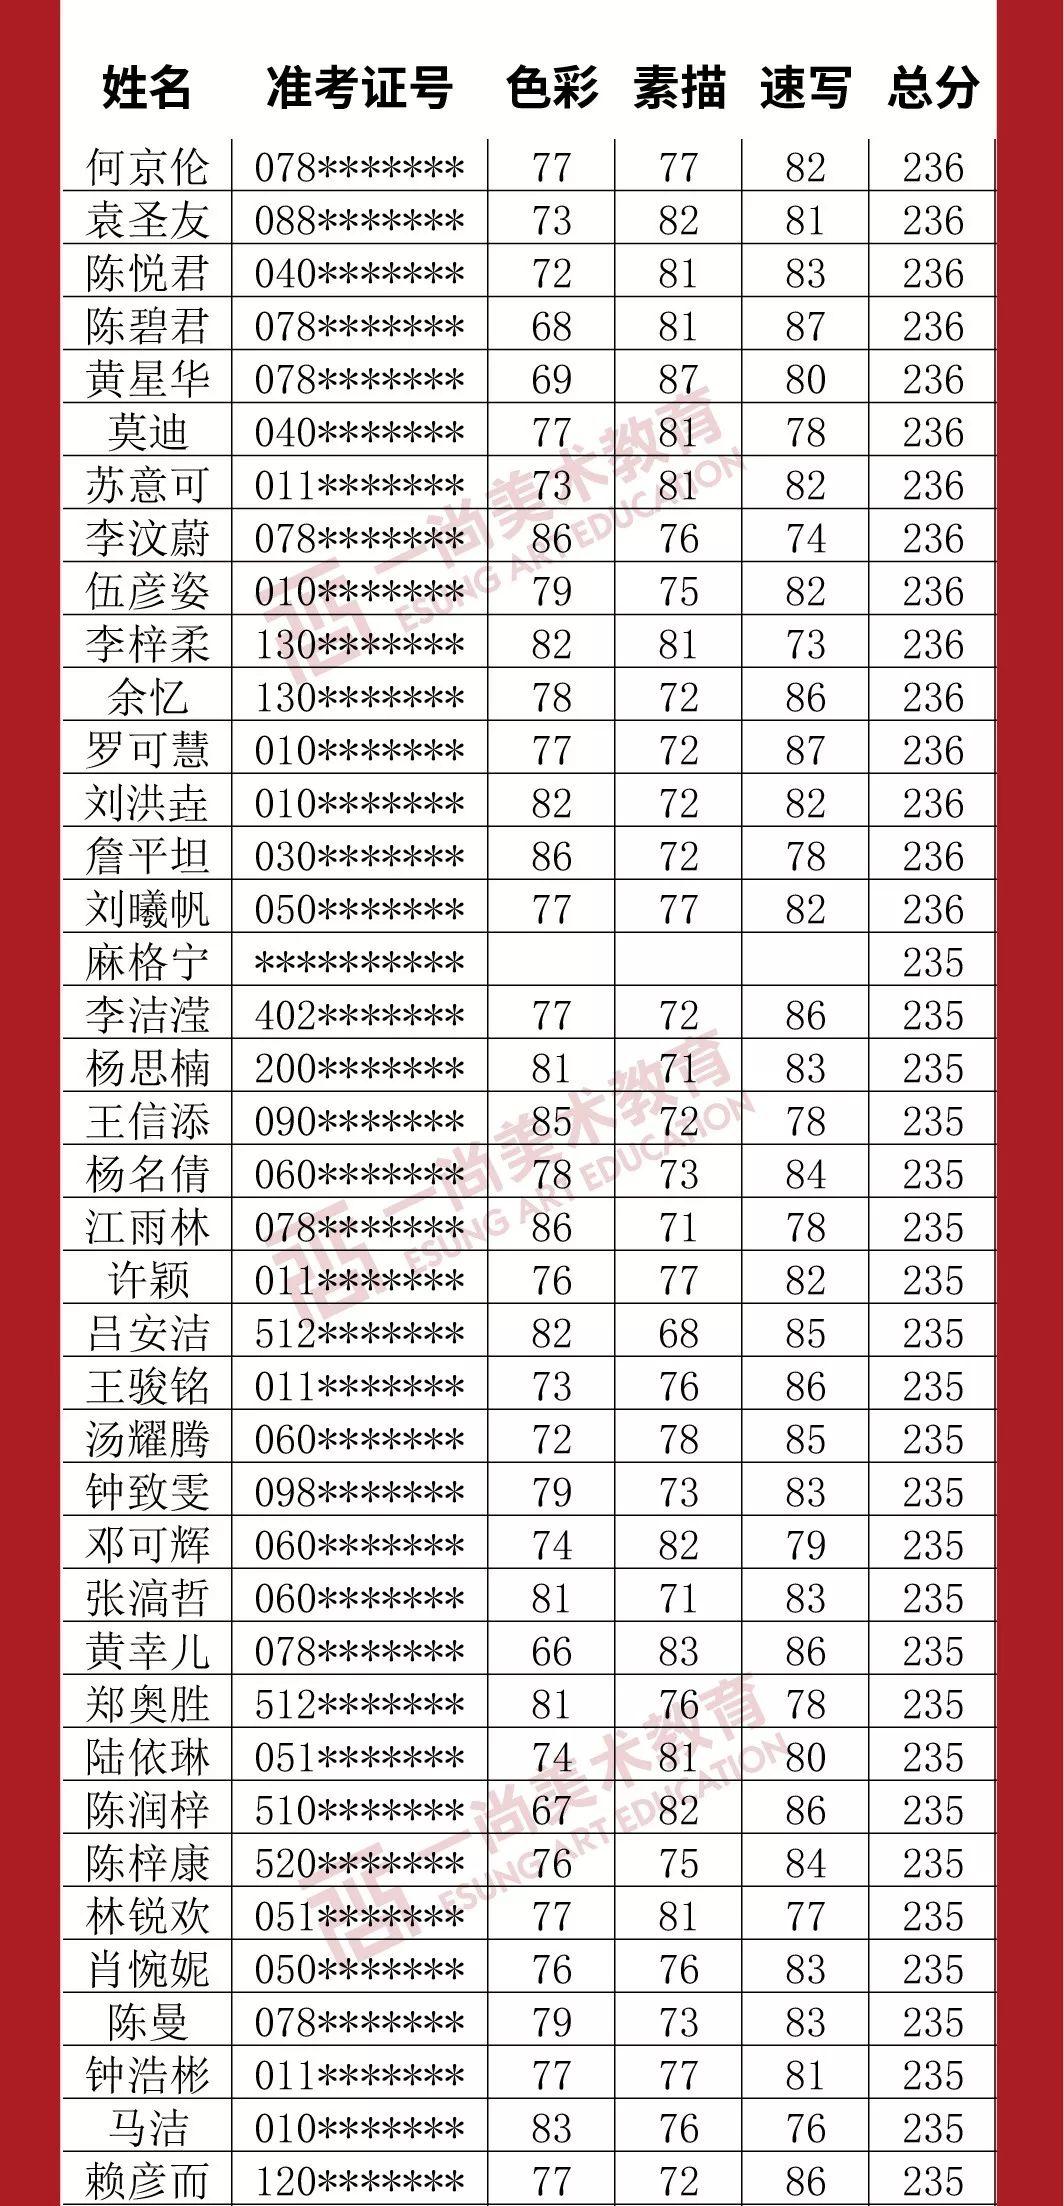 广州度岸画室,广东美术联考,广州美术培训         36